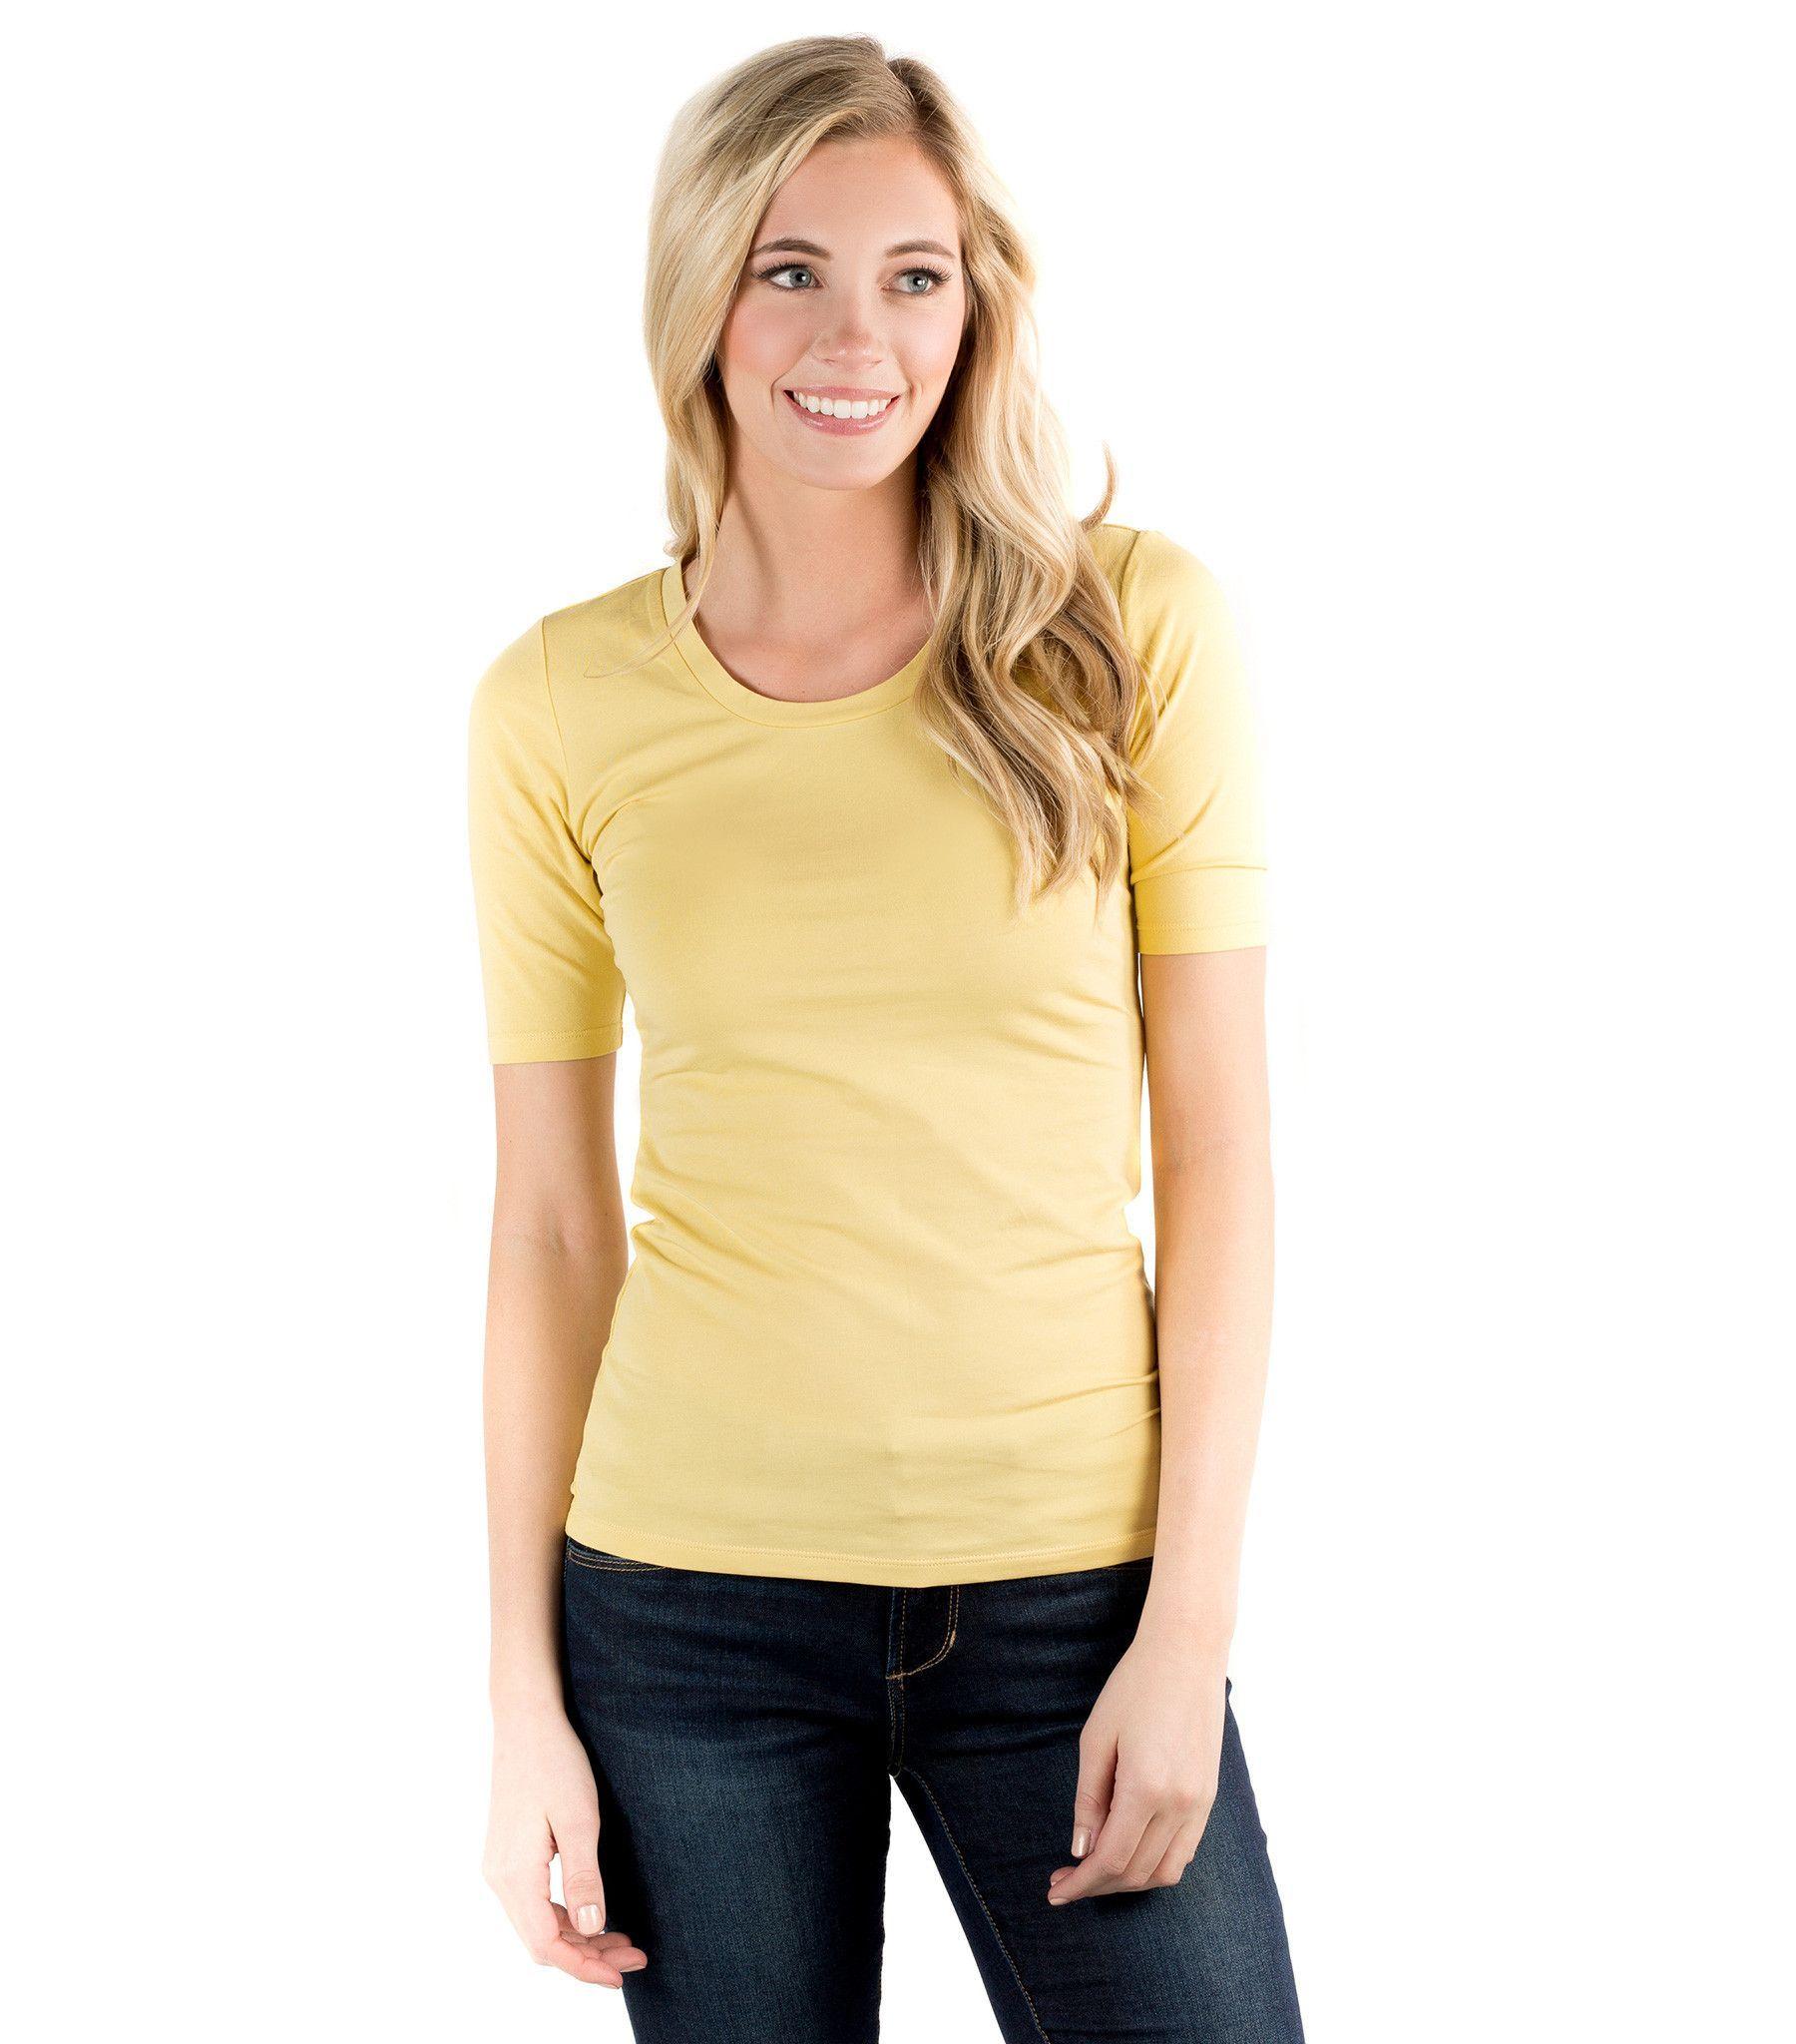 Essential Half Sleeve Tee - Vibrant Colors   Half sleeve ...